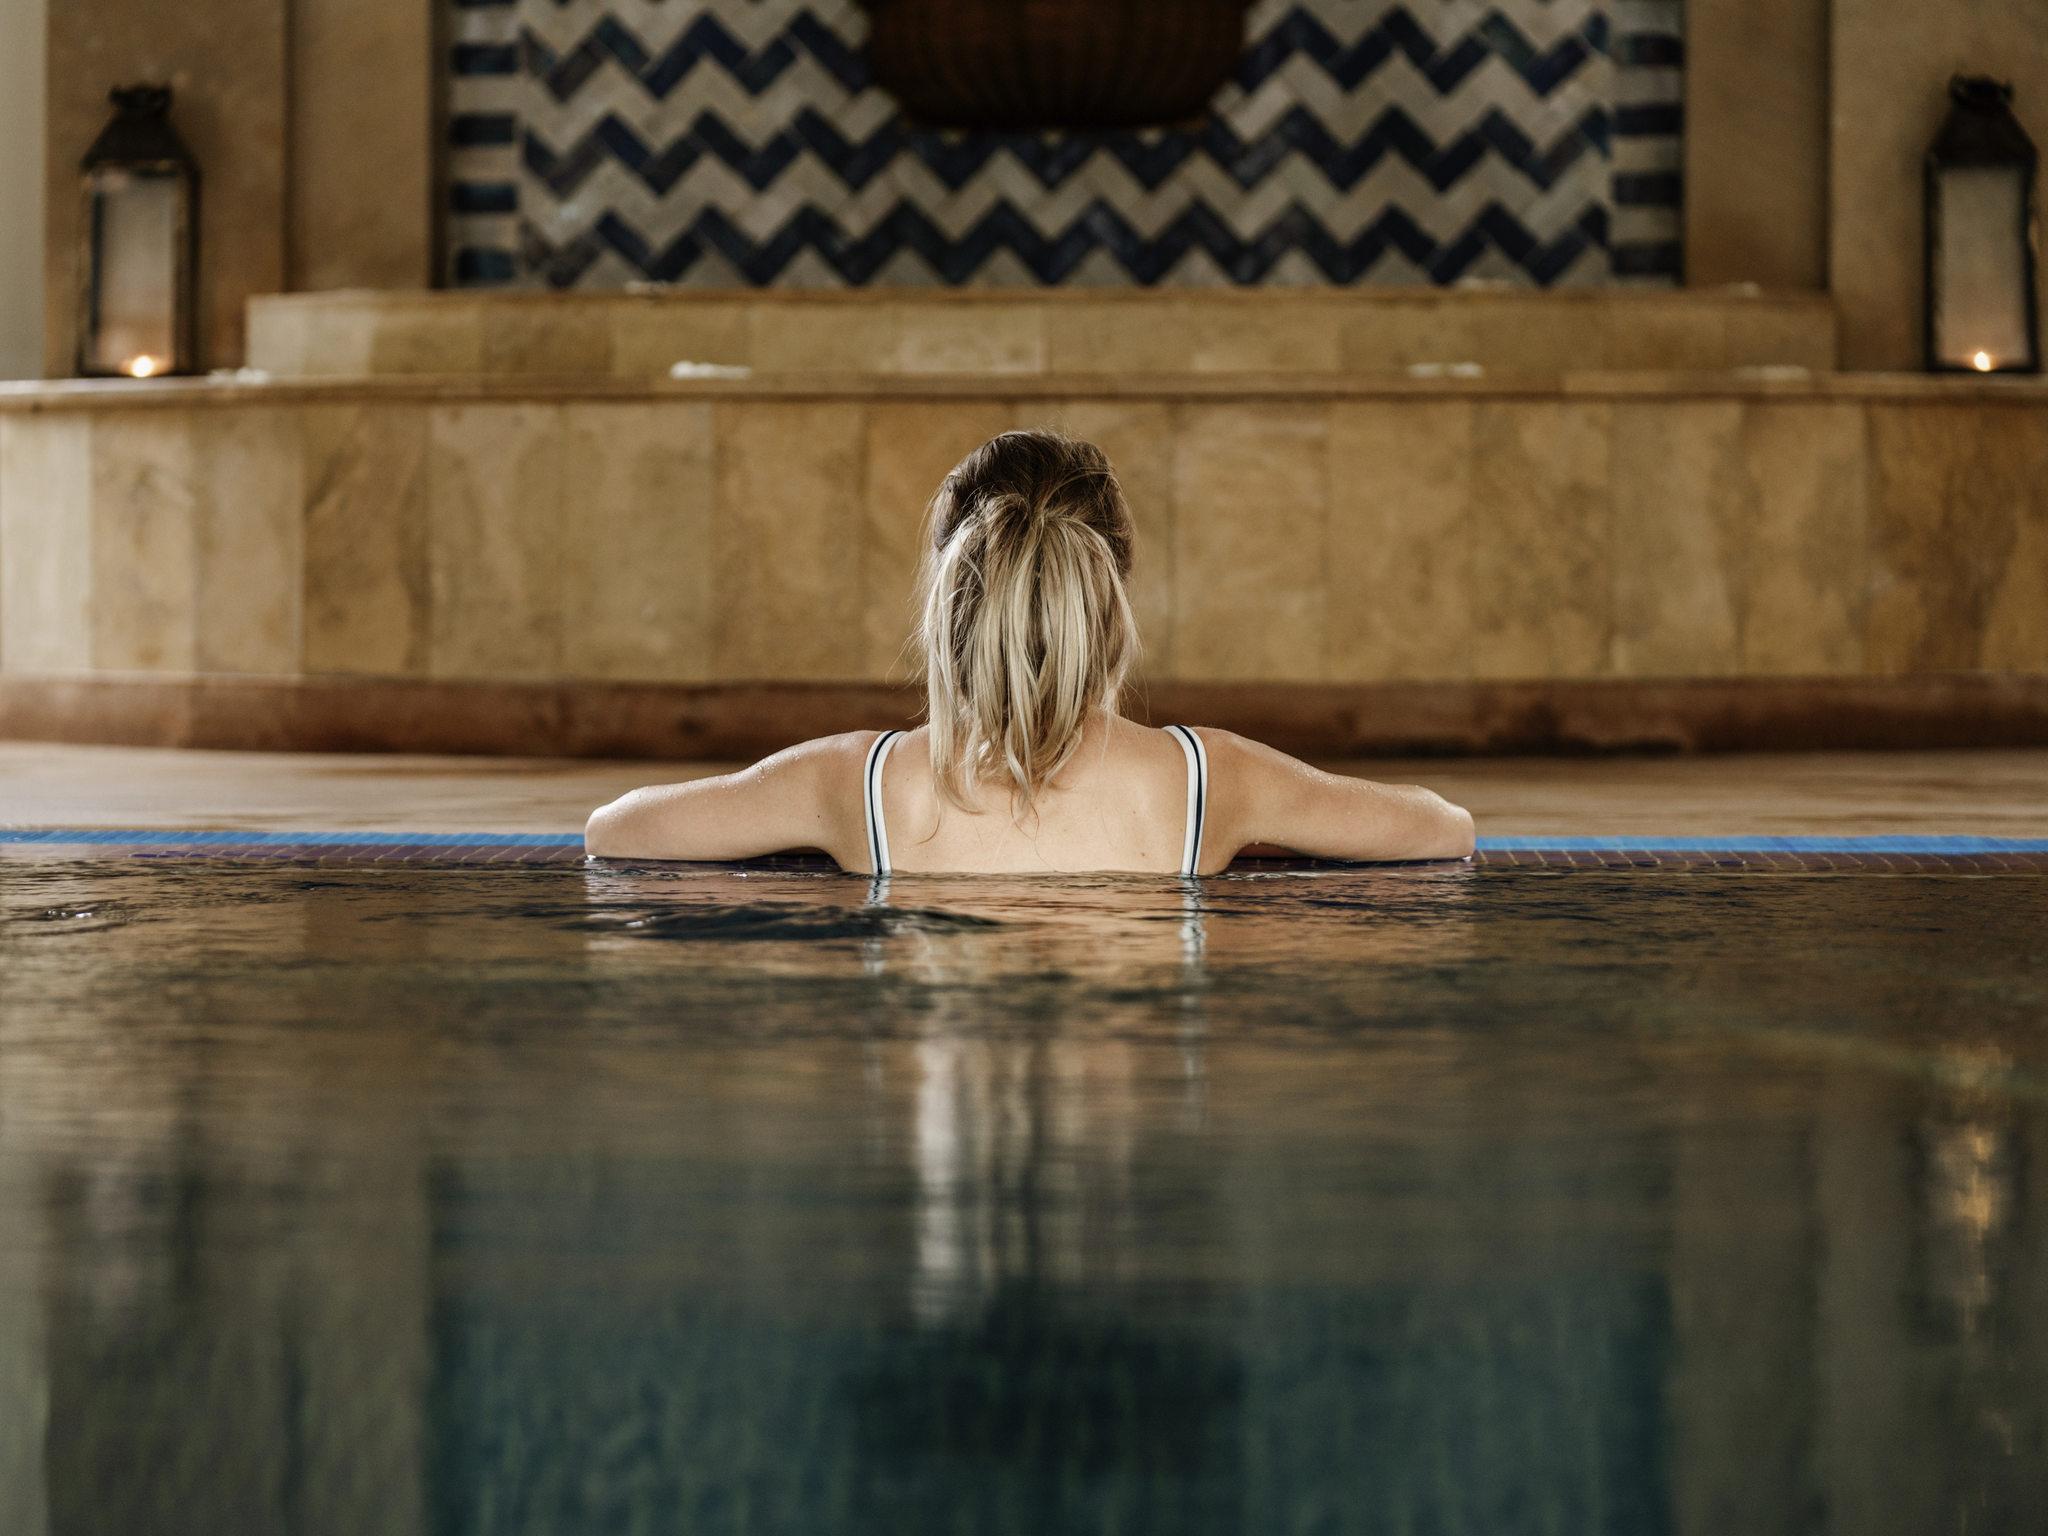 酒店 – 美憬阁索菲特麦地那索维拉海洋水疗酒店